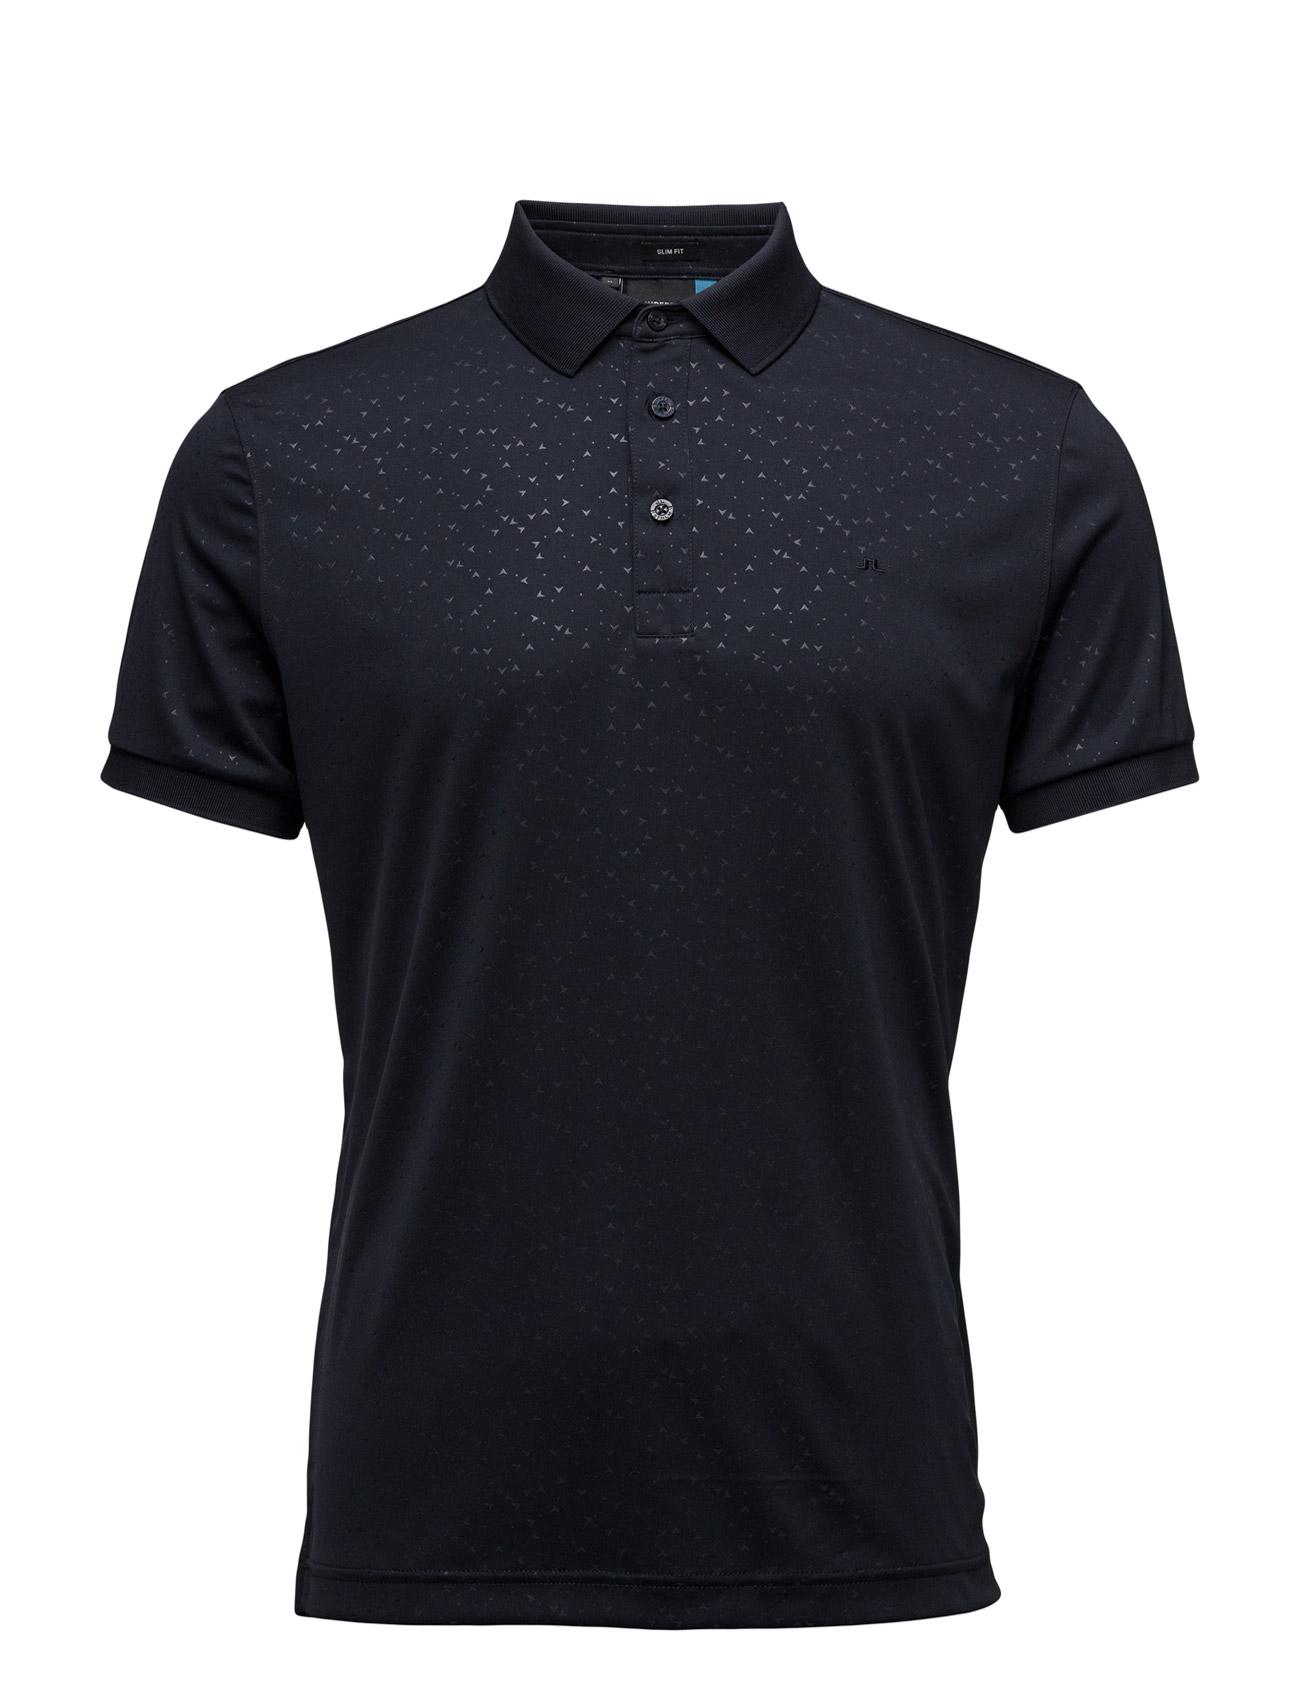 M David Slim Tx Jersey J. Lindeberg Golf Golf polo t-shirts til Herrer i